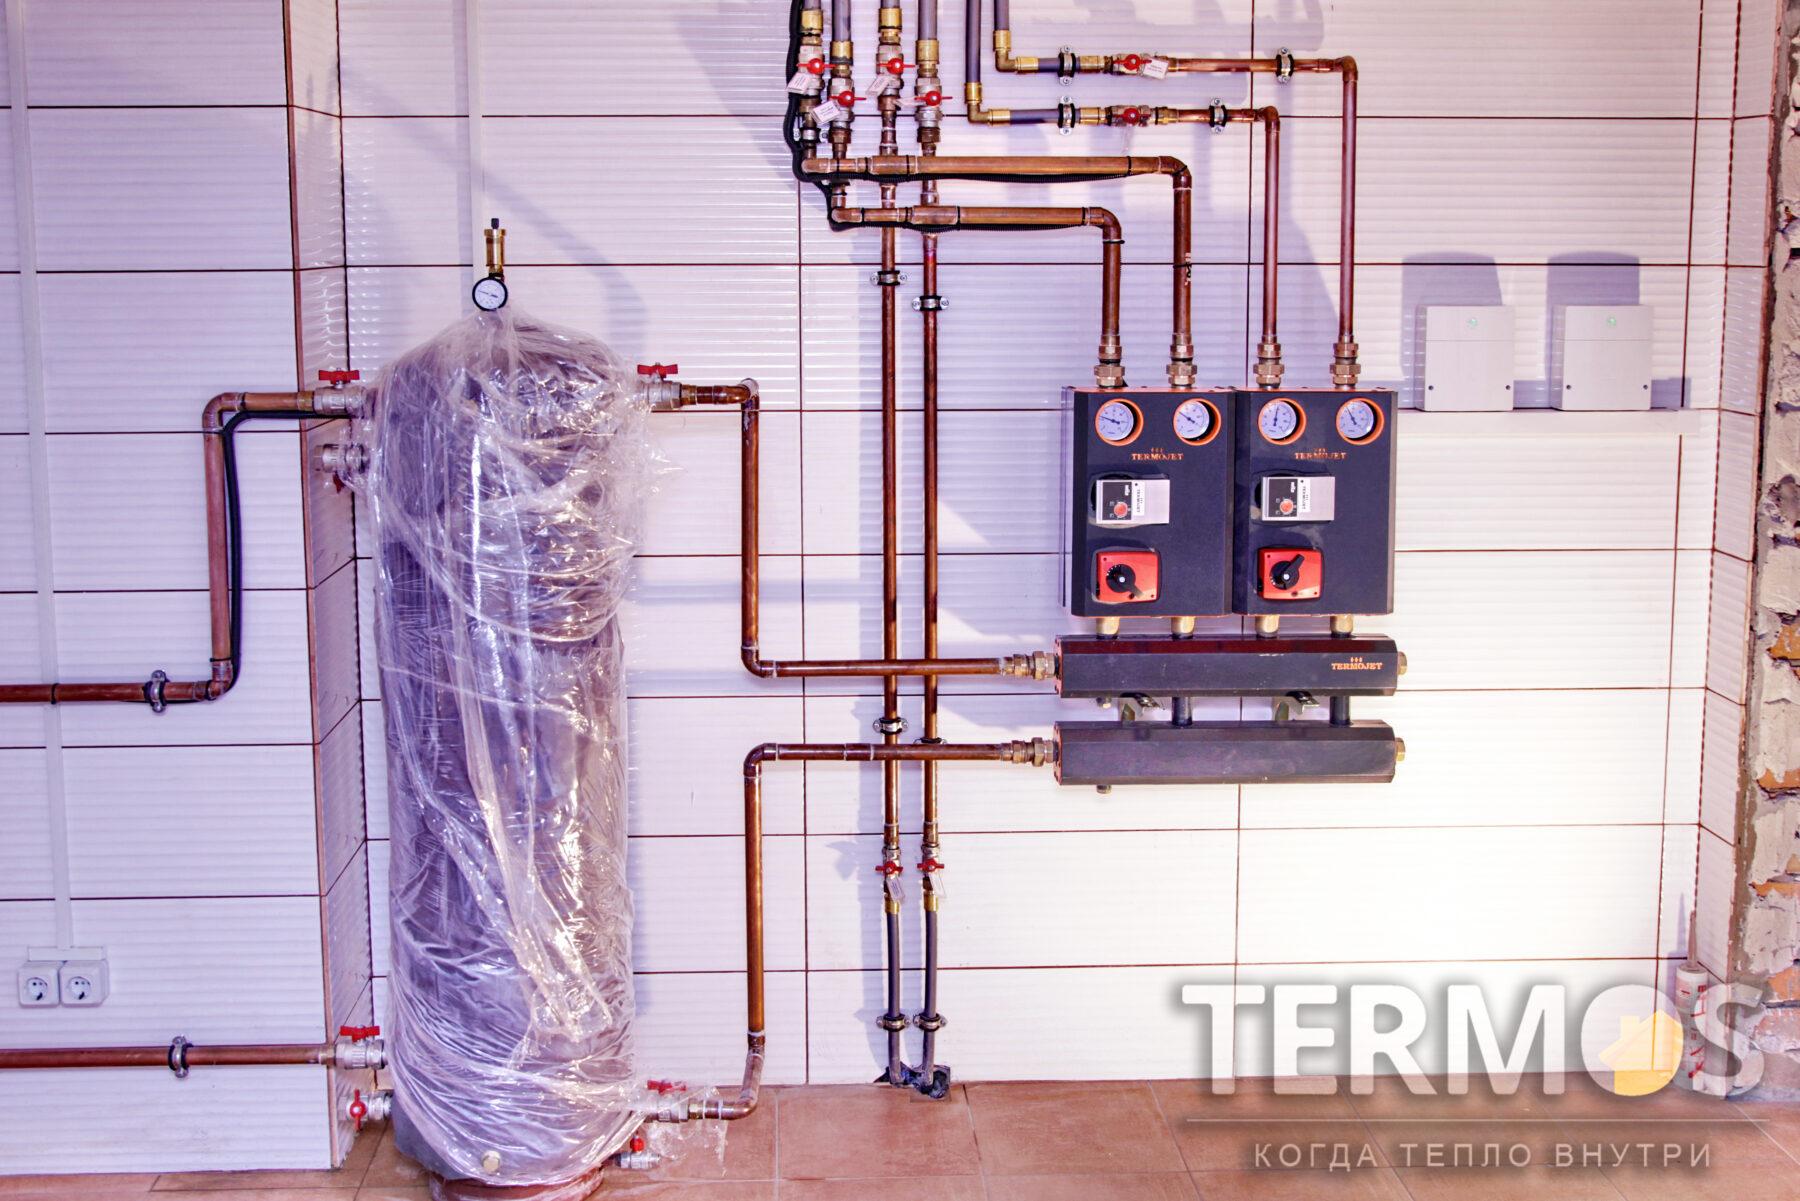 Стоинка. Коттедж 300 кв.м. Воздушный тепловой насос Bosch с низкотемпературной системой отопления: контуры теплого пола 1 и 2 этажа